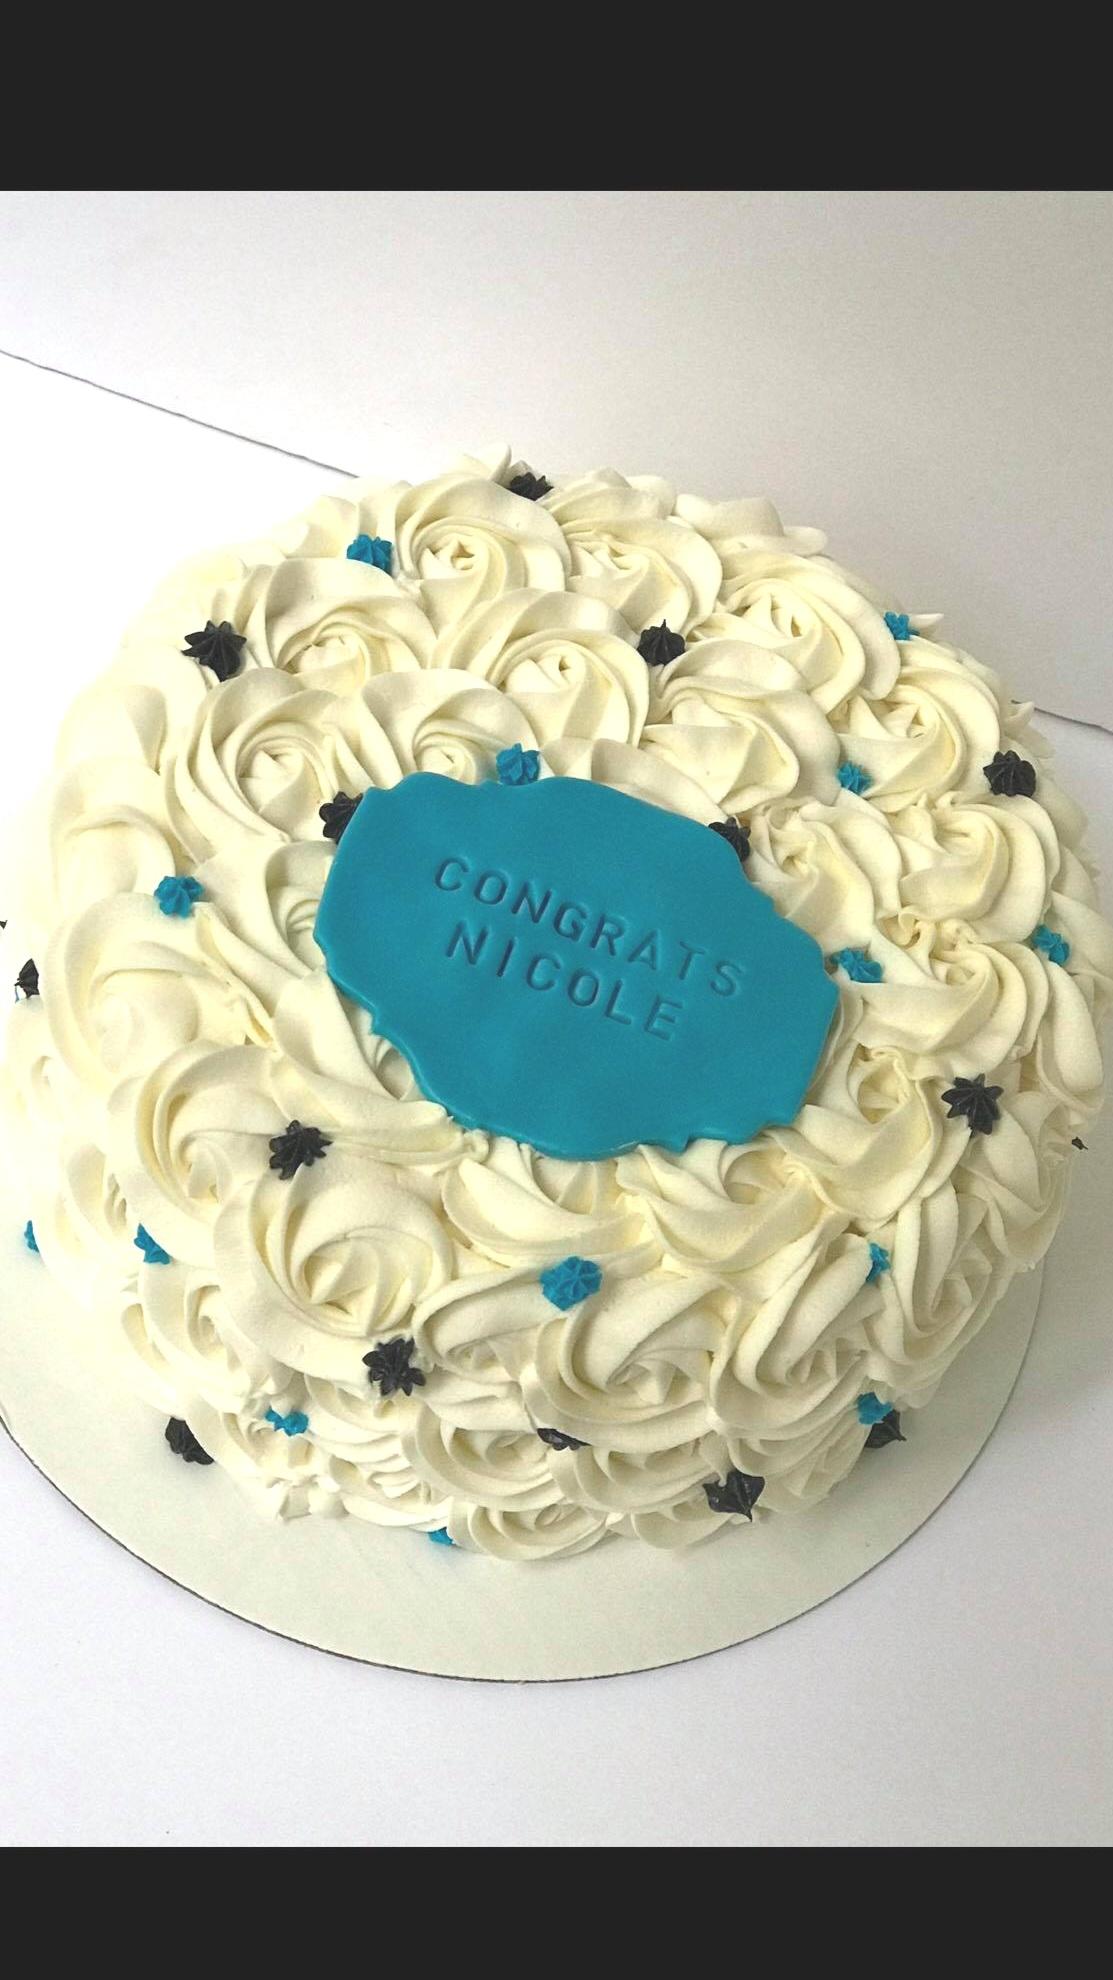 Rosette Graduate Cake - 8 inch $609 inch $70